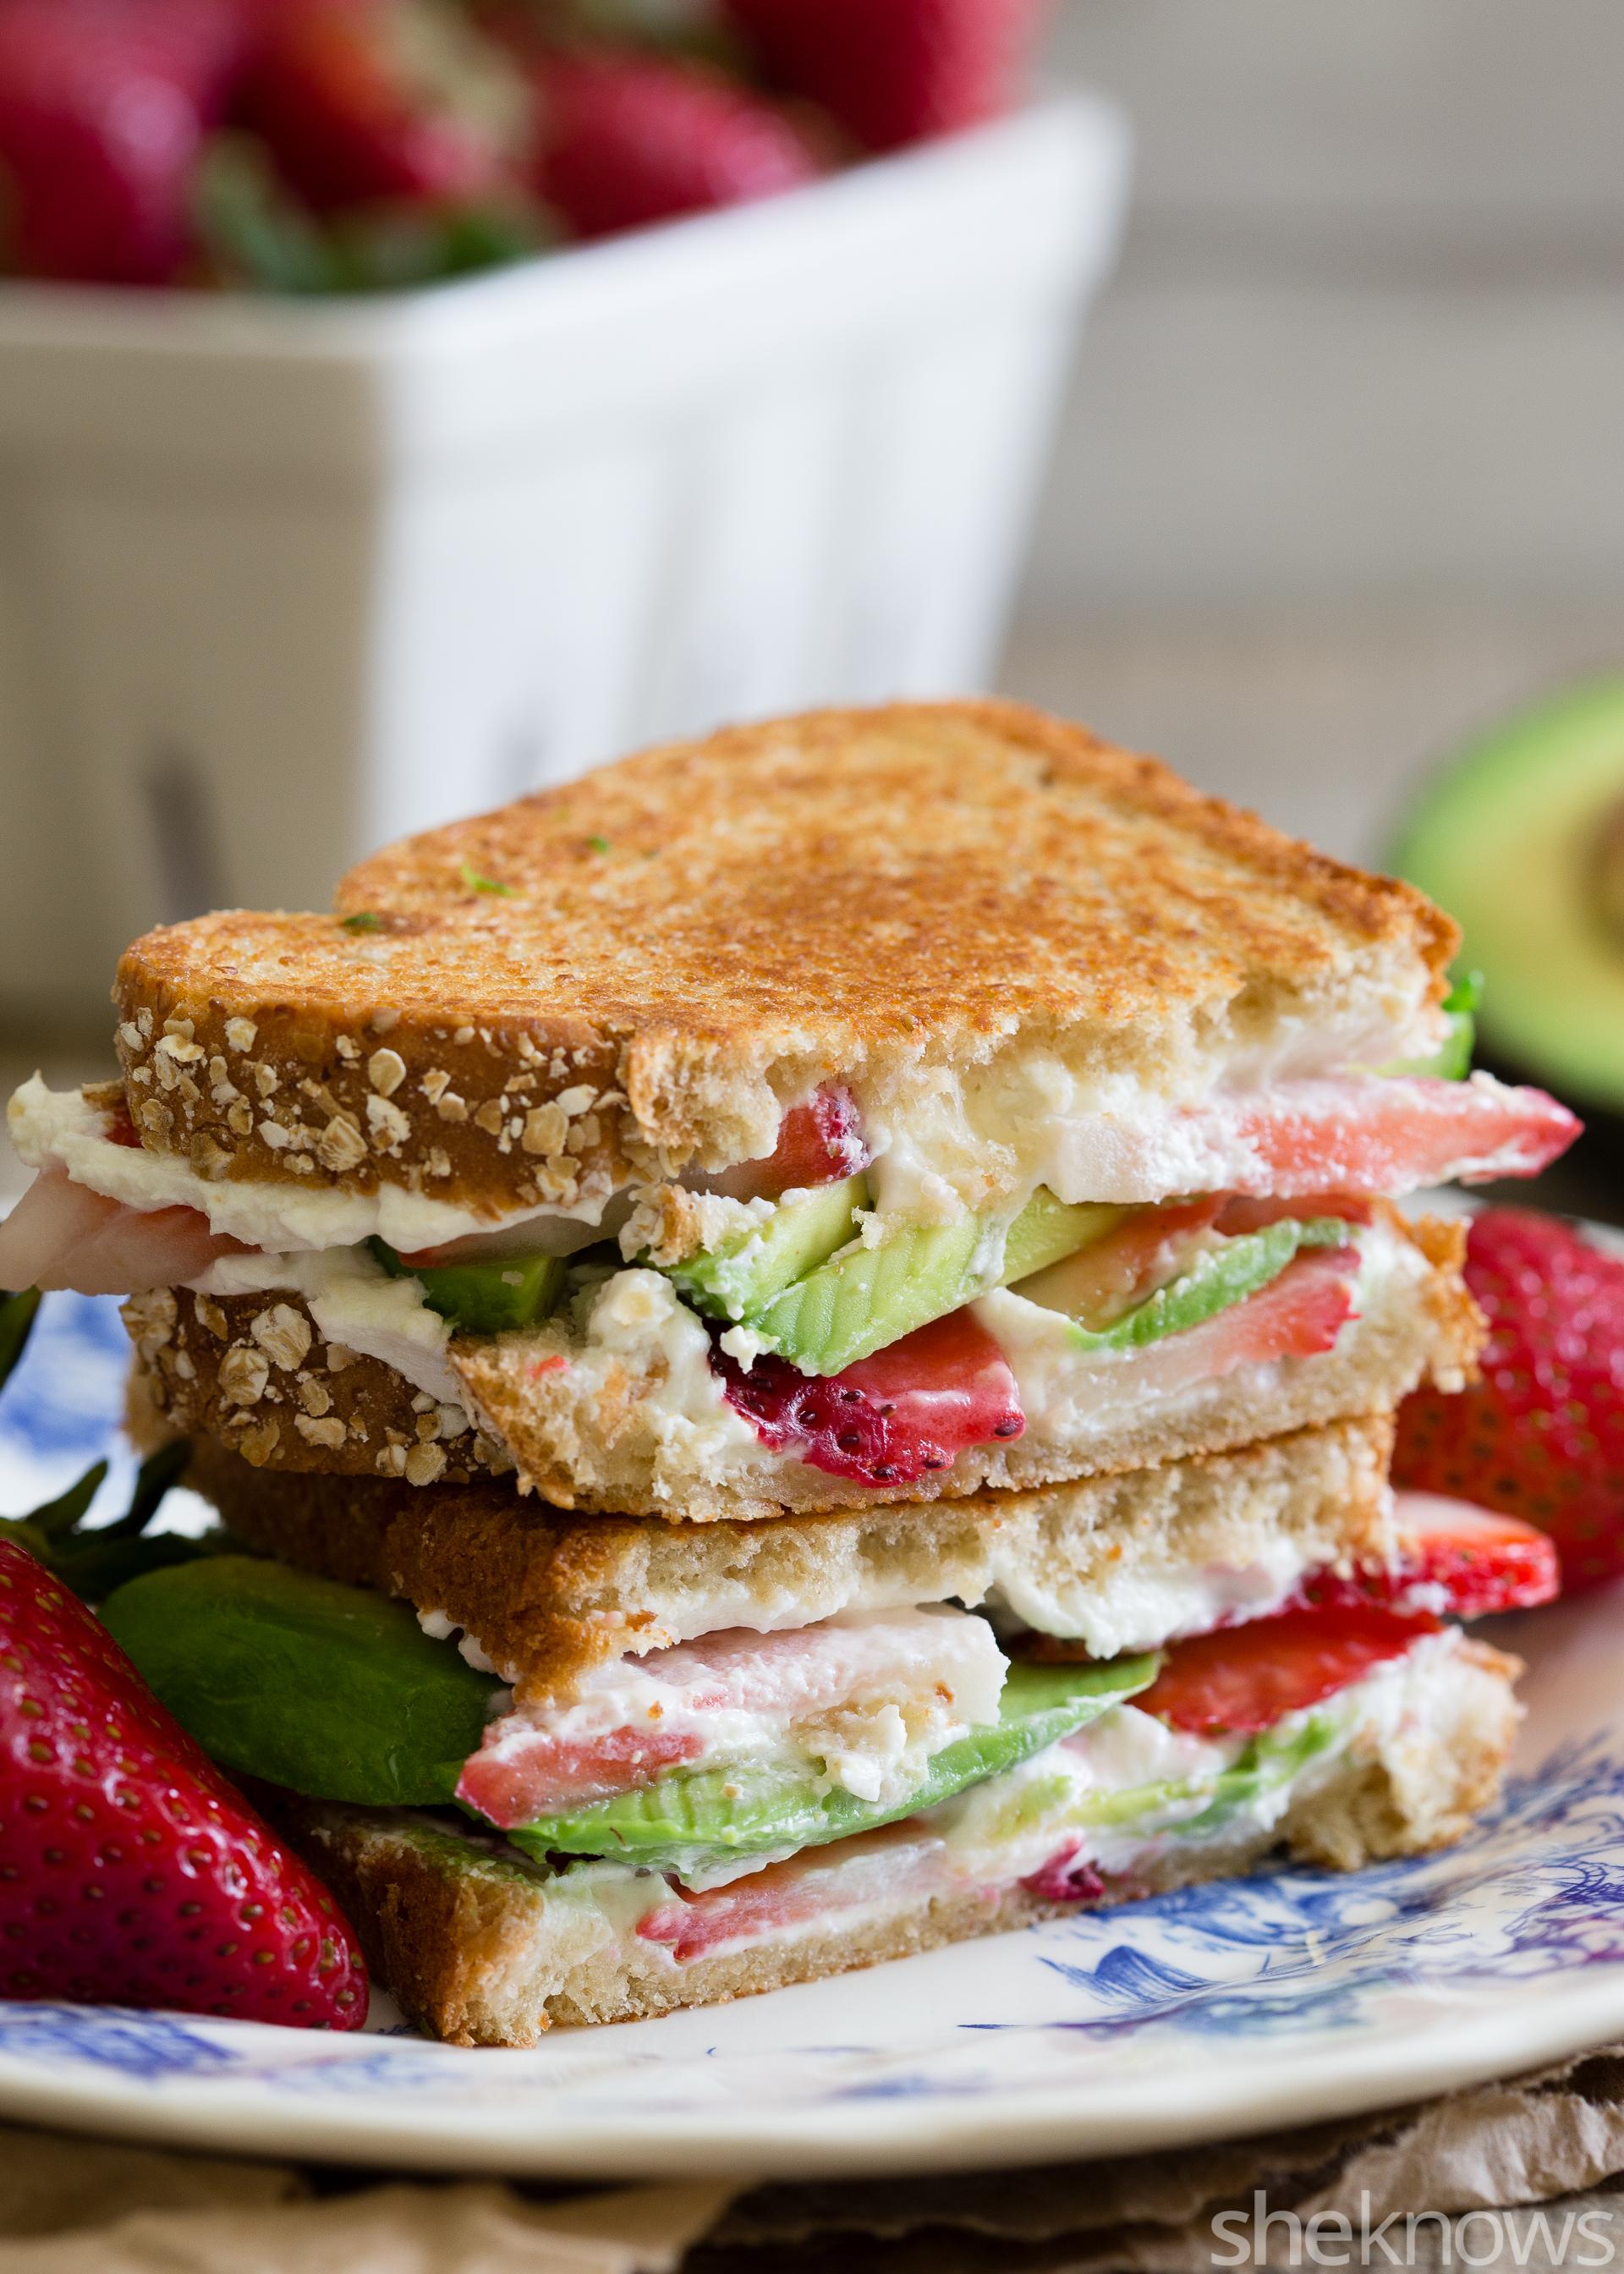 Strawberry avocado goat cheese panini